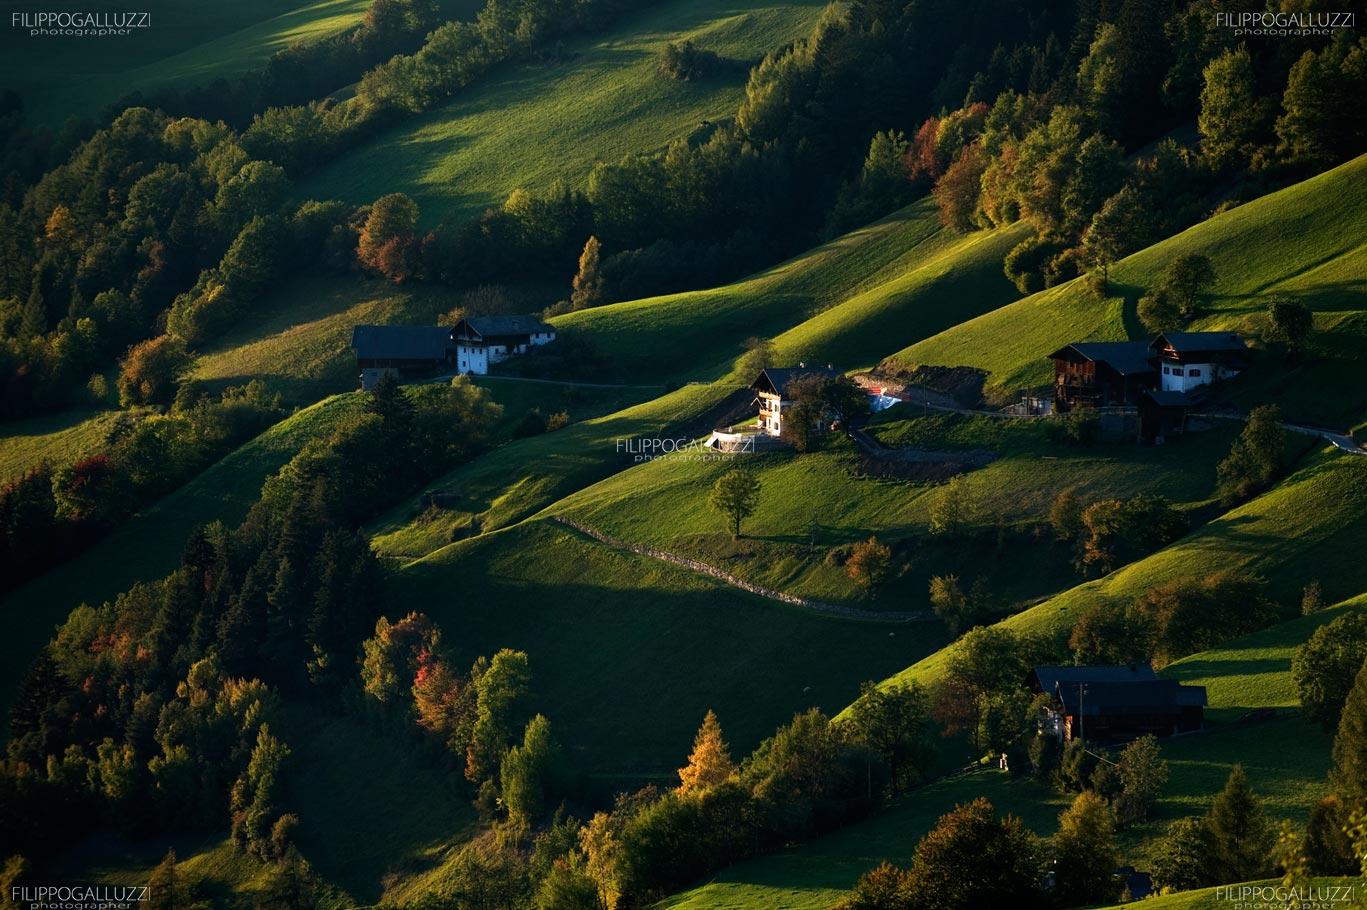 Sudtirol, i masi della val di Funes - Vilnoesser tal